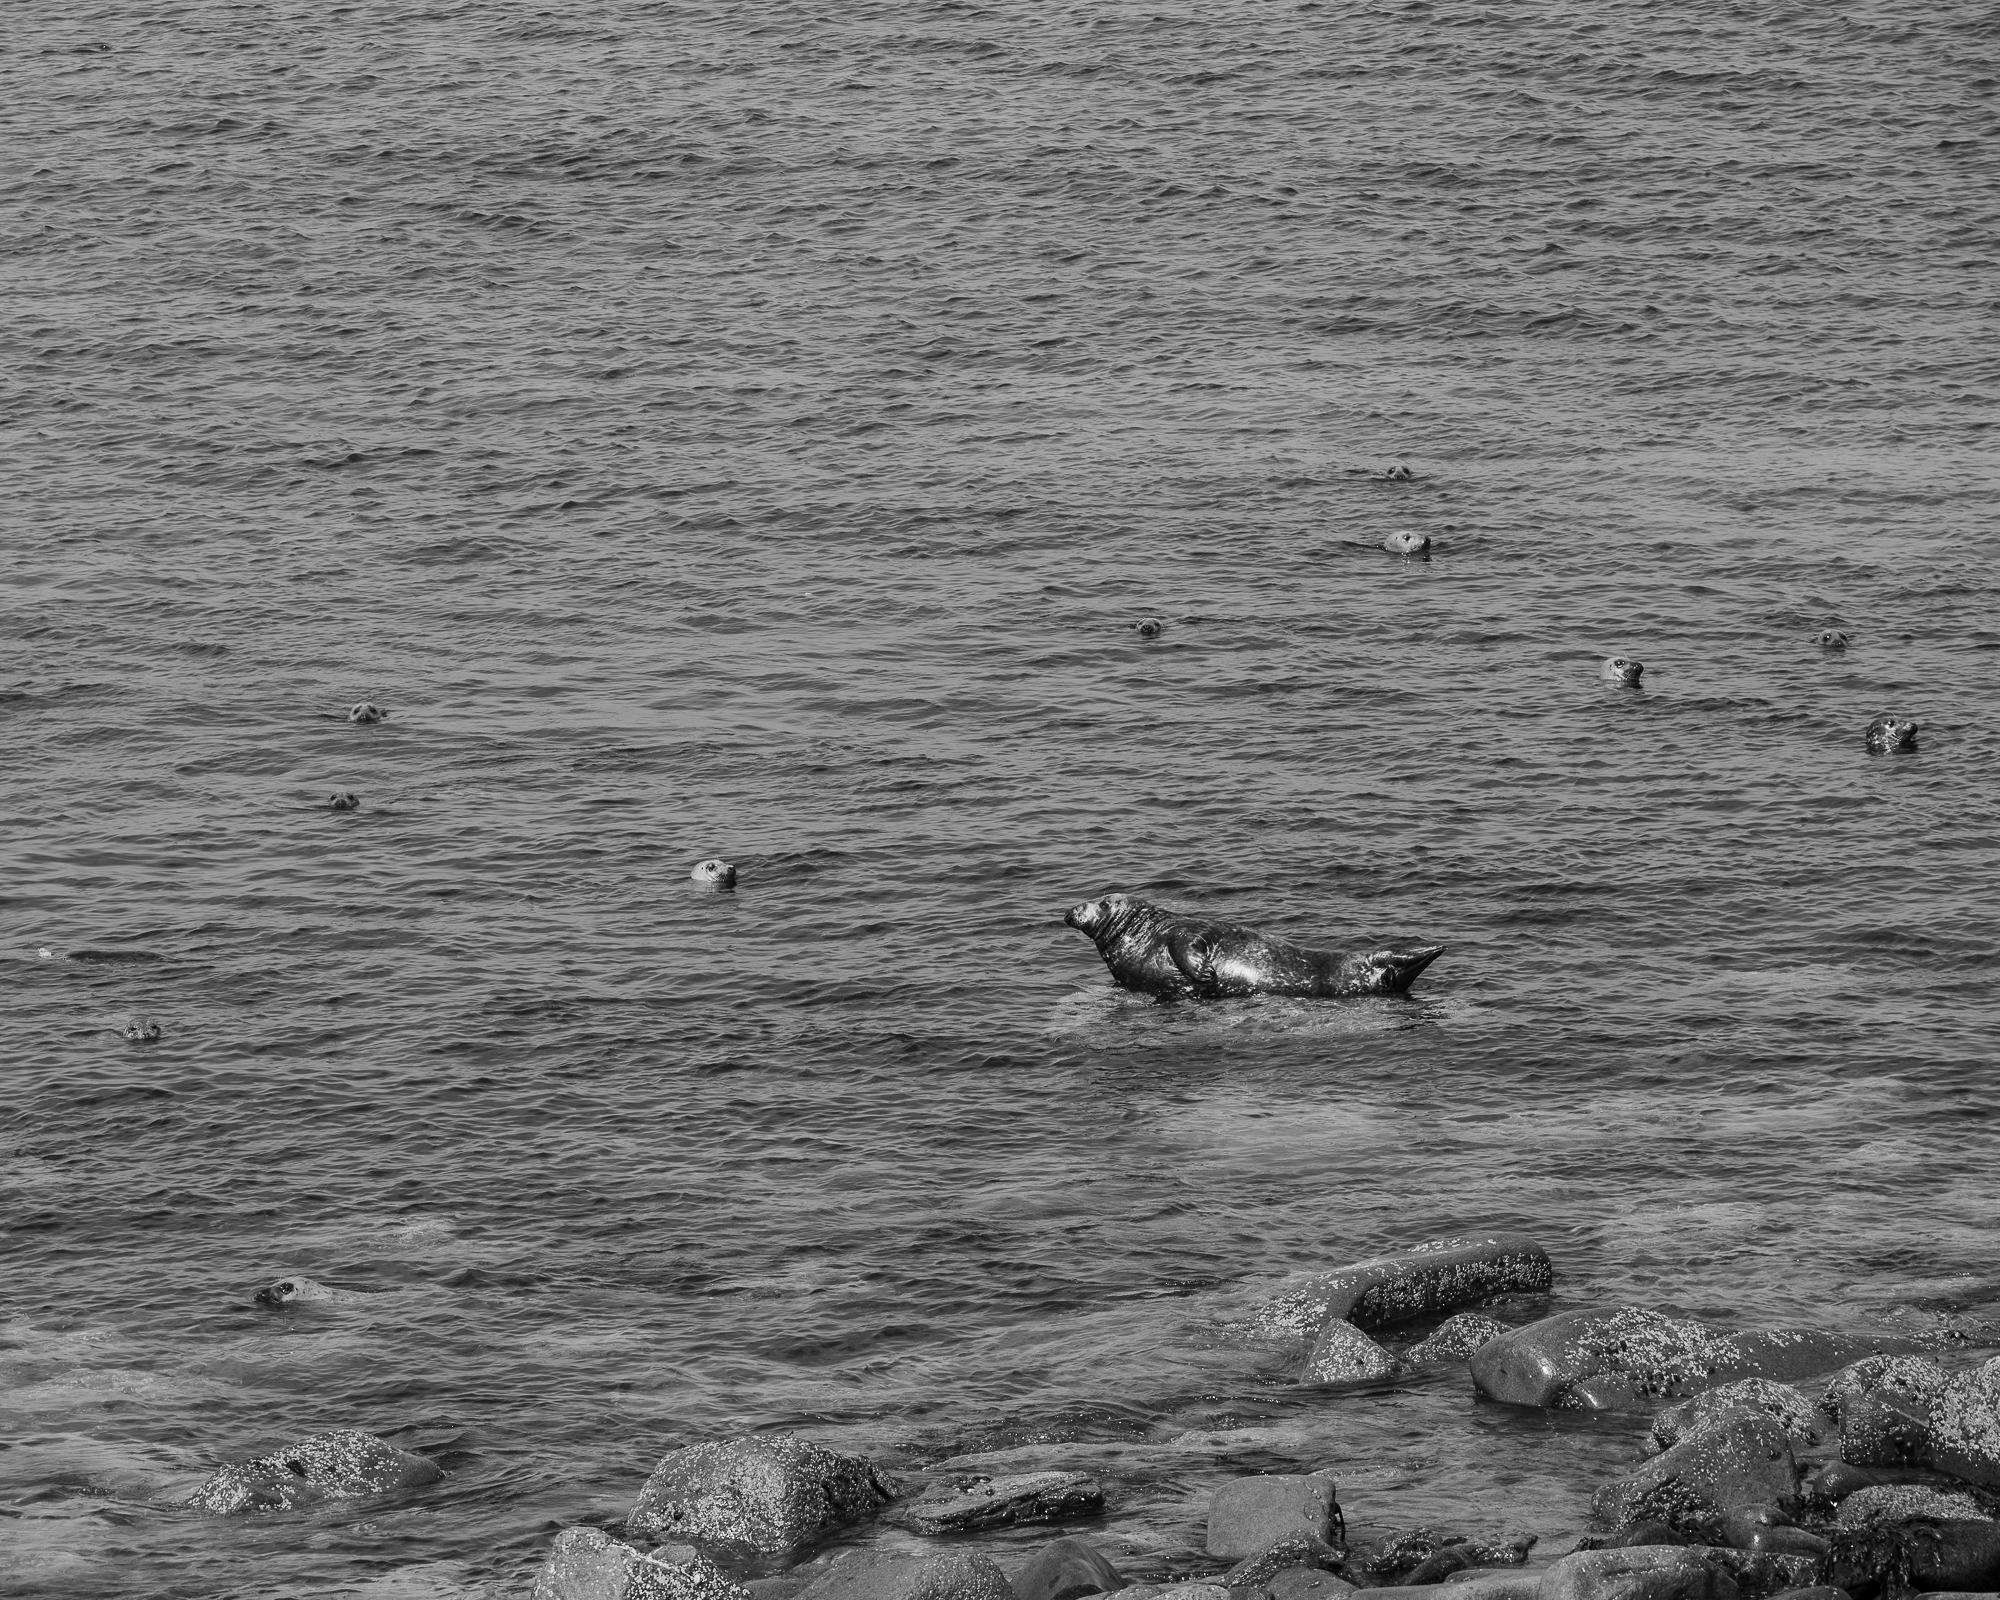 Zeehonden op Great Saltee (f6.3, 1/320,iso 100)